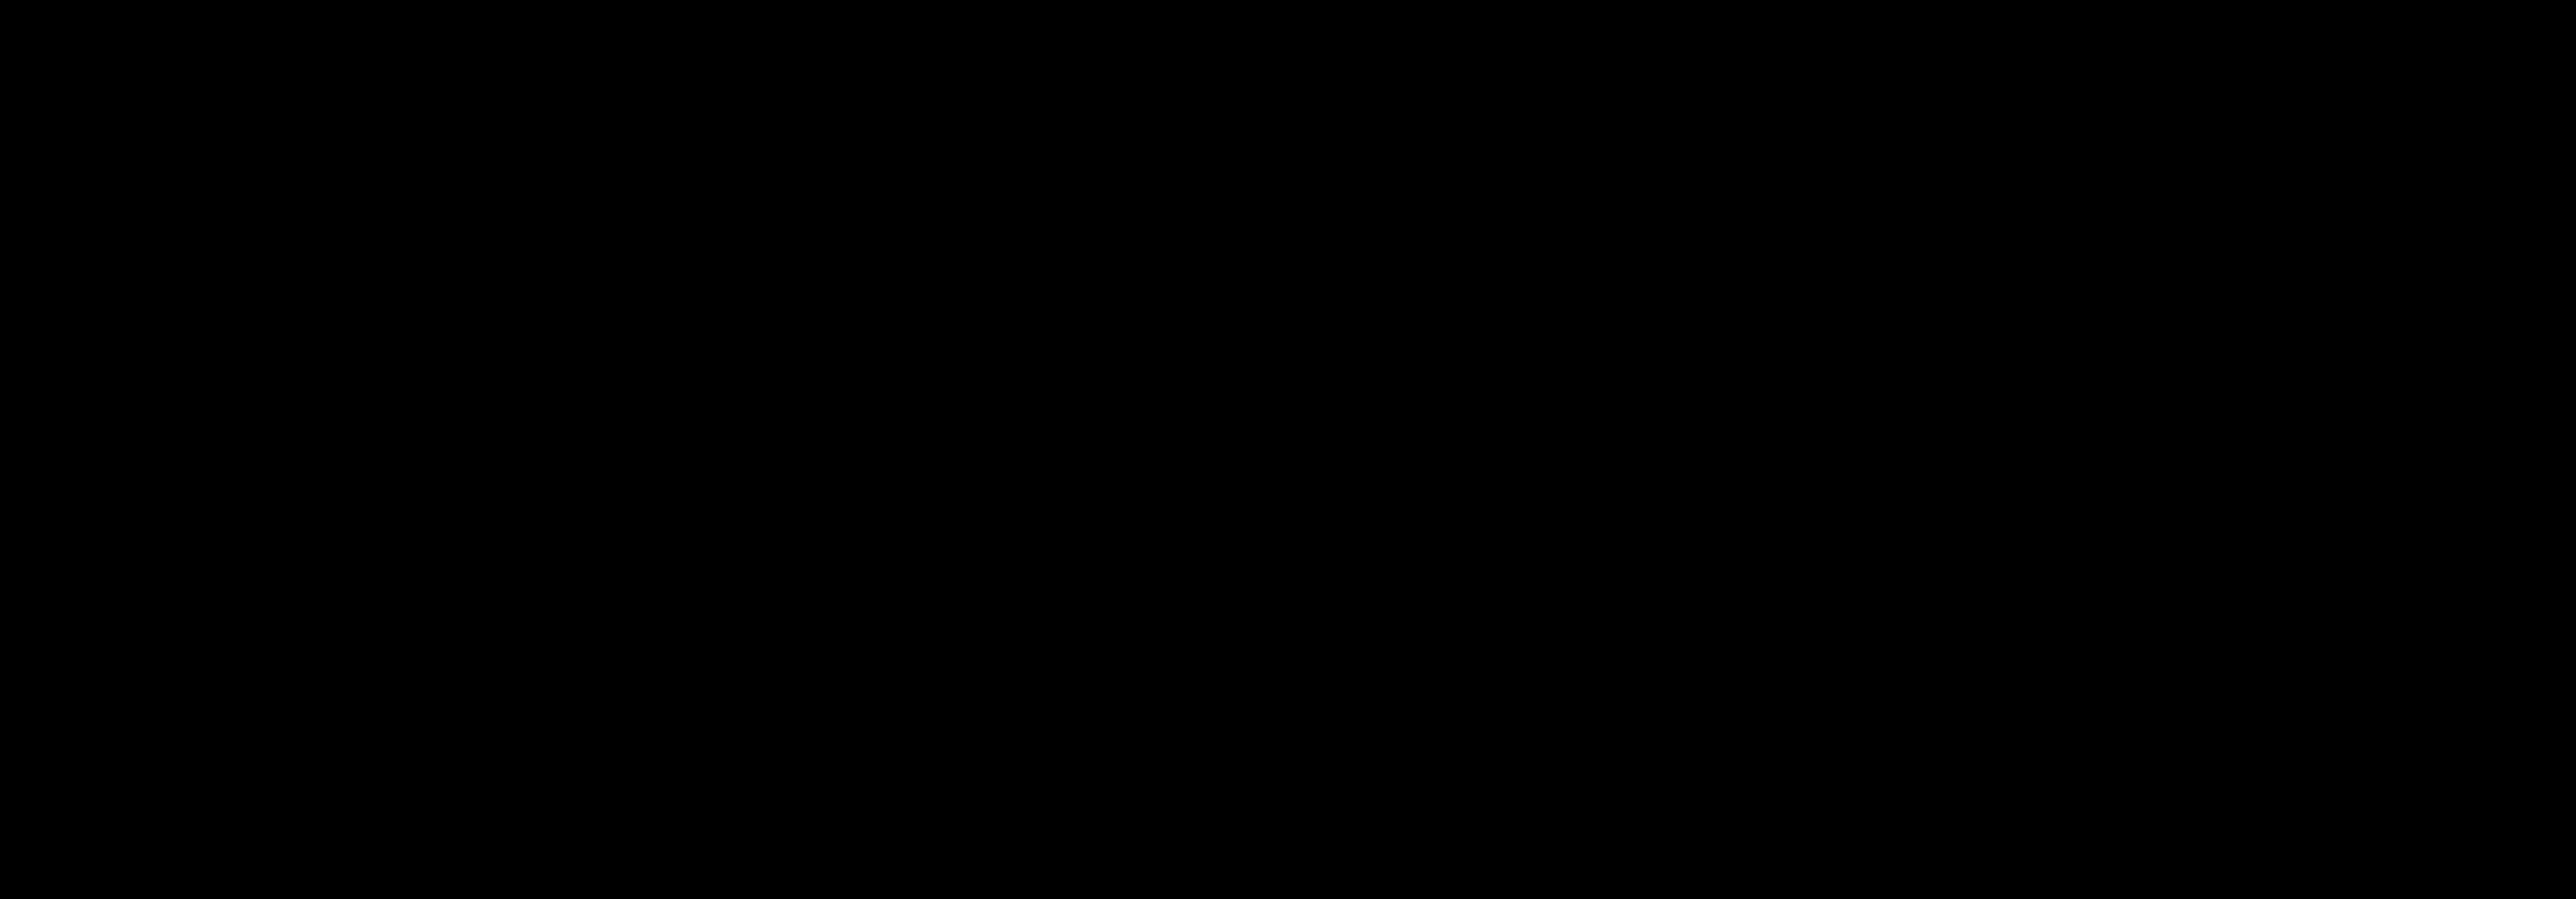 2019路竹番茄節